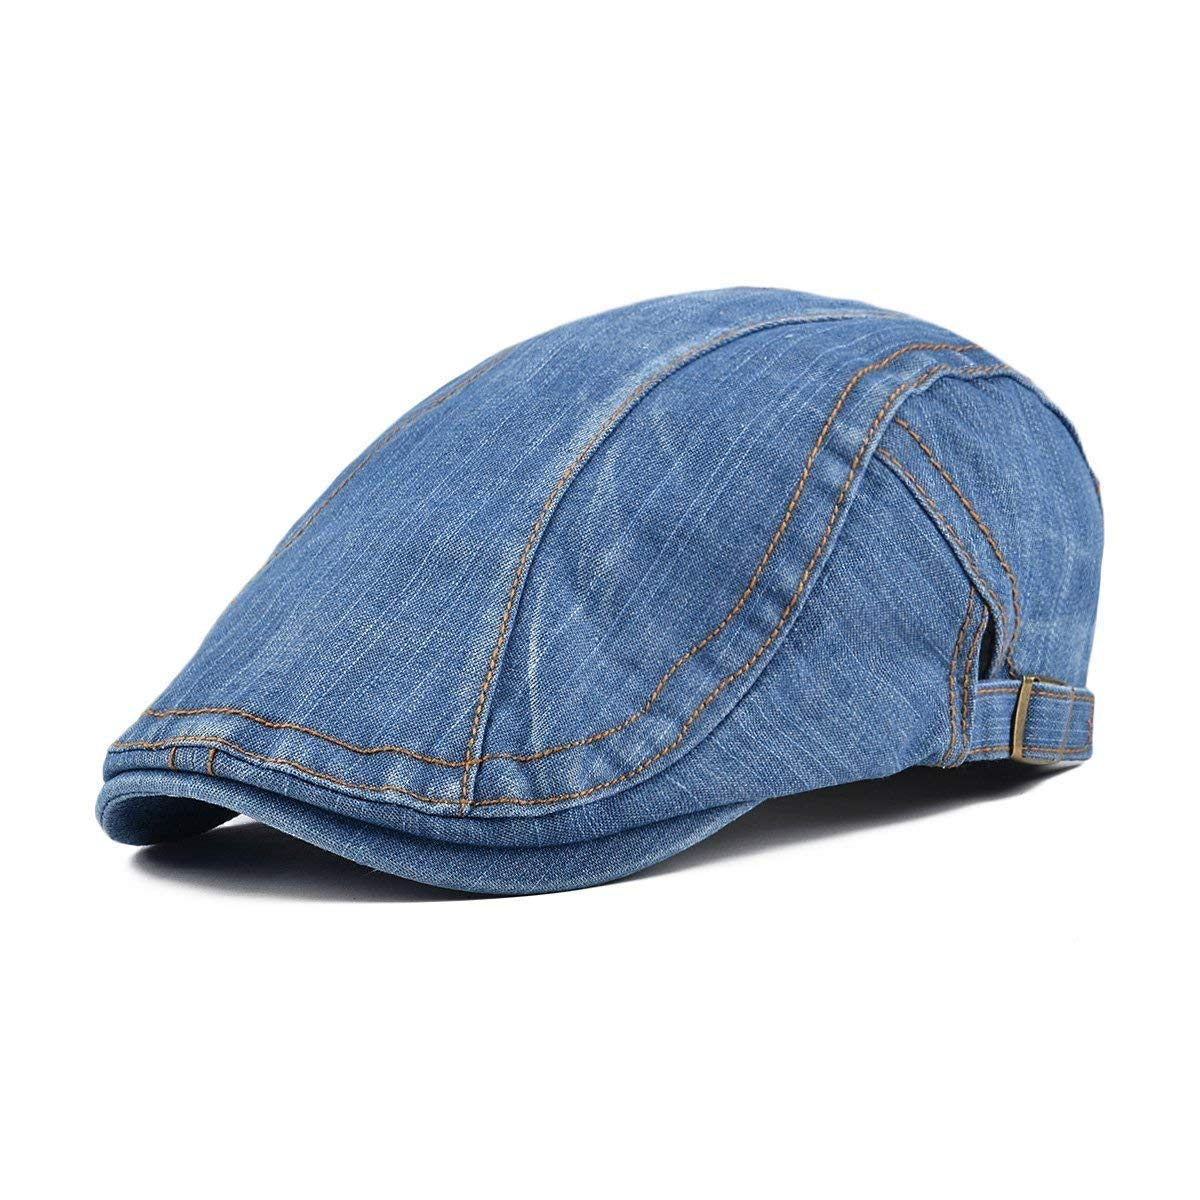 BoBoLily Denim Jeans para Hombre Vendedor De Peri/ódicos Boina Cabbie Pato Hebilla De Cap Especial Estilo Hombre Beret Cap Invierno Vintage Color S/ólido Exterior